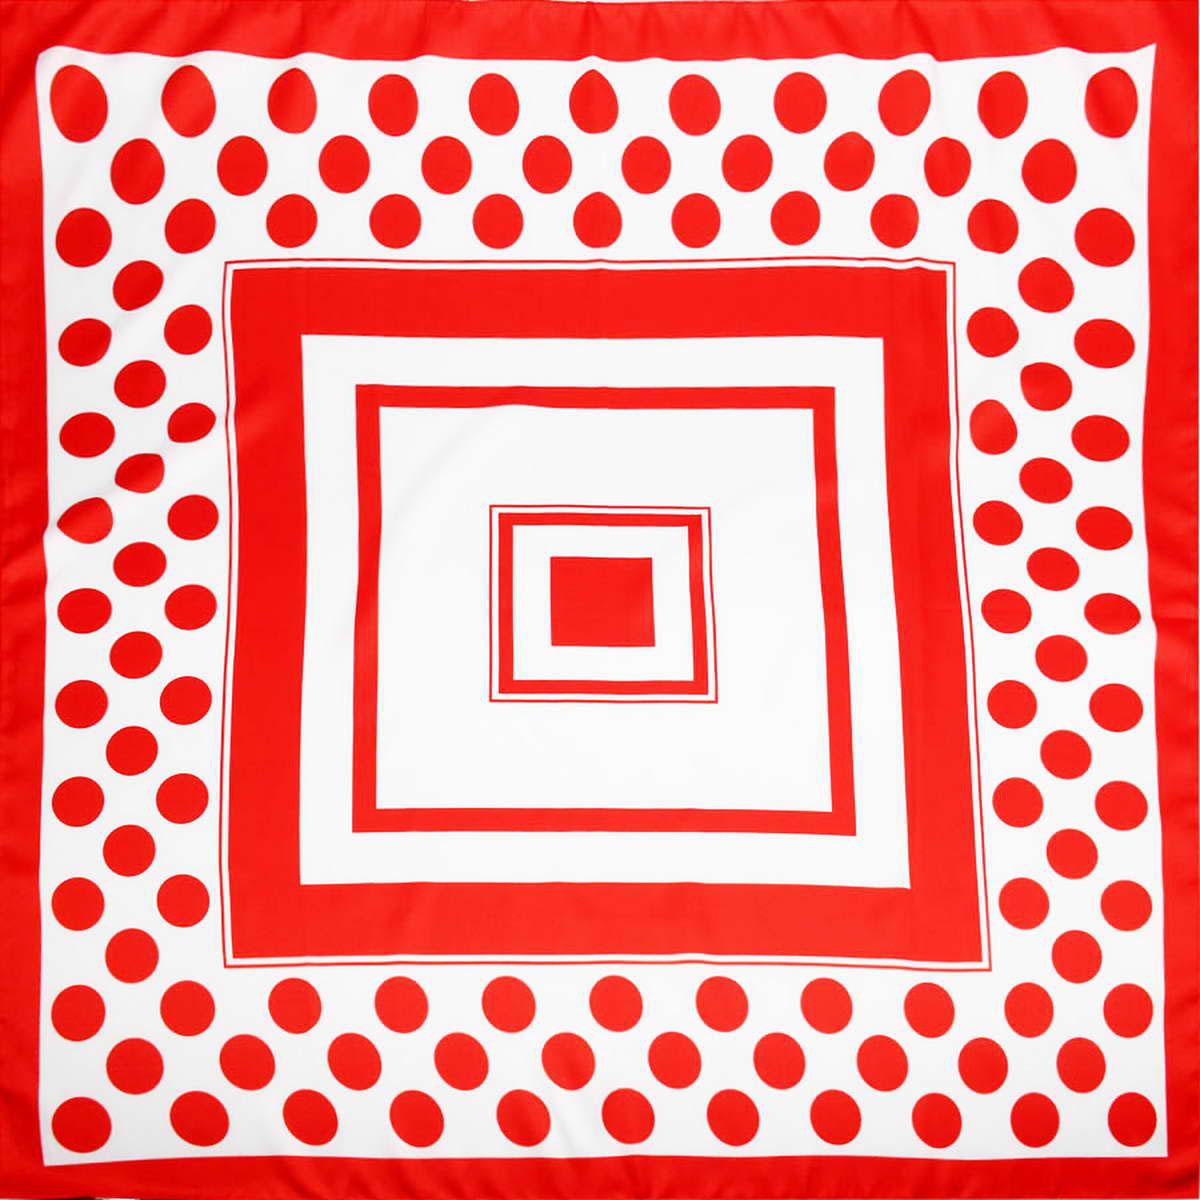 Платок3907133-04Яркий и неповторимый женский платок Venera изготовлен из легкого полиэстера, станет самым оригинальным аксессуаром в этом сезоне. Сочетание цветов уже делает изделие неотразимым и универсальным, а принт в горошек и квадрат, напоминающий тоннель, завораживает своей простотой и шикарностью. Классическая квадратная форма позволяет носить платок на шее, украшать им прическу или декорировать сумочку. Платок Venera превосходно дополнит любой наряд и подчеркнет ваш неповторимый вкус и элегантность.